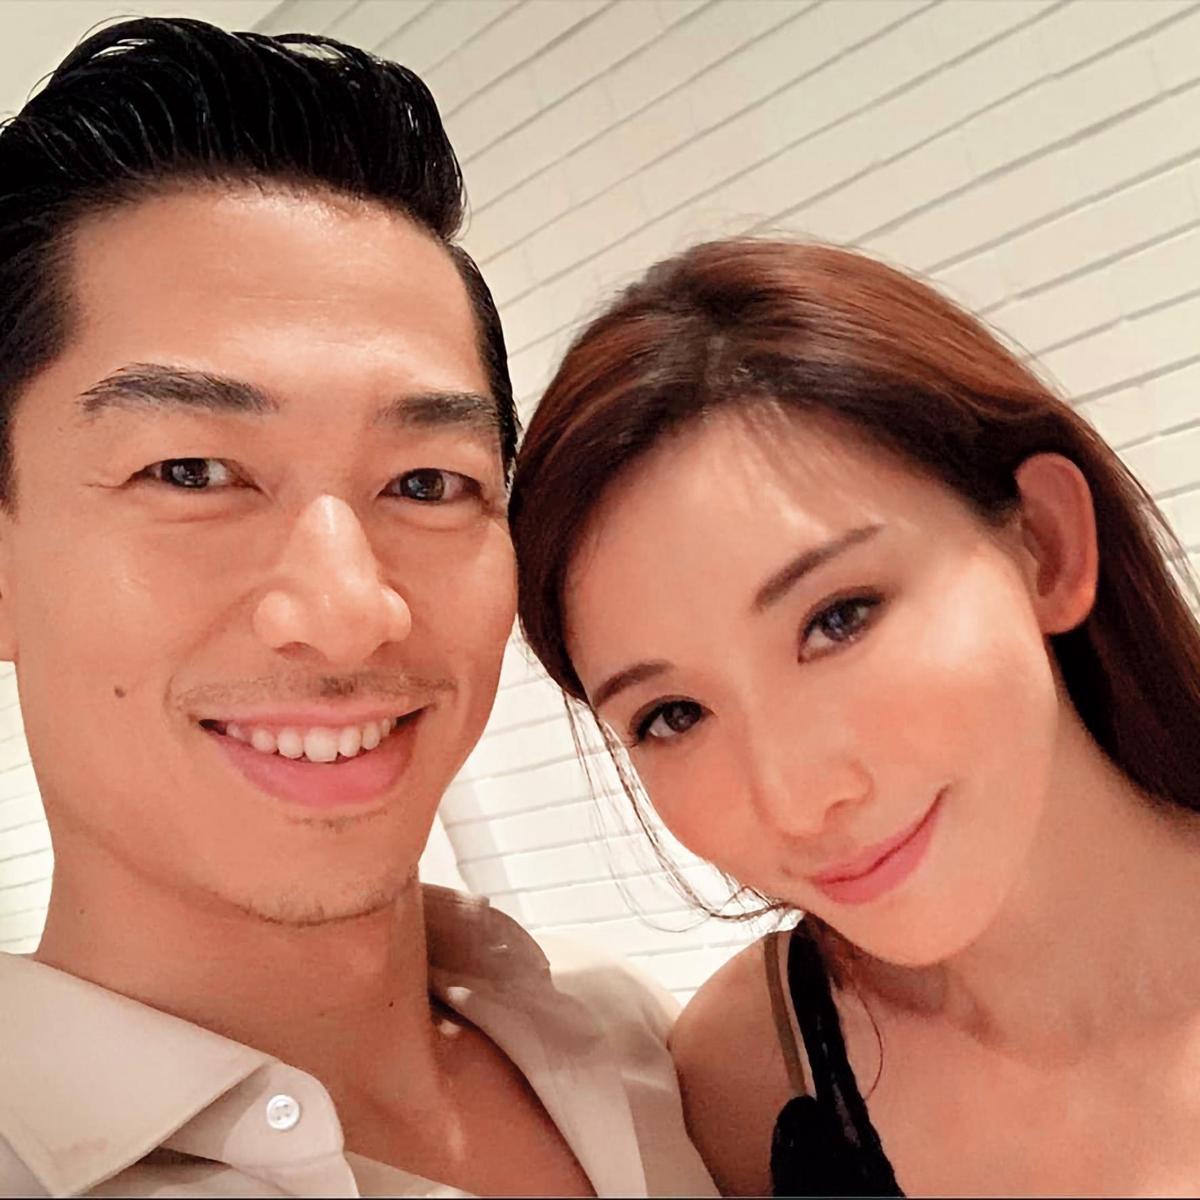 林志玲(右)6月6日閃嫁AKIRA,並隨即飛出國度蜜月,小倆口祕密交往才半年就決定結婚,震驚演藝圈。(翻攝自林志玲IG)